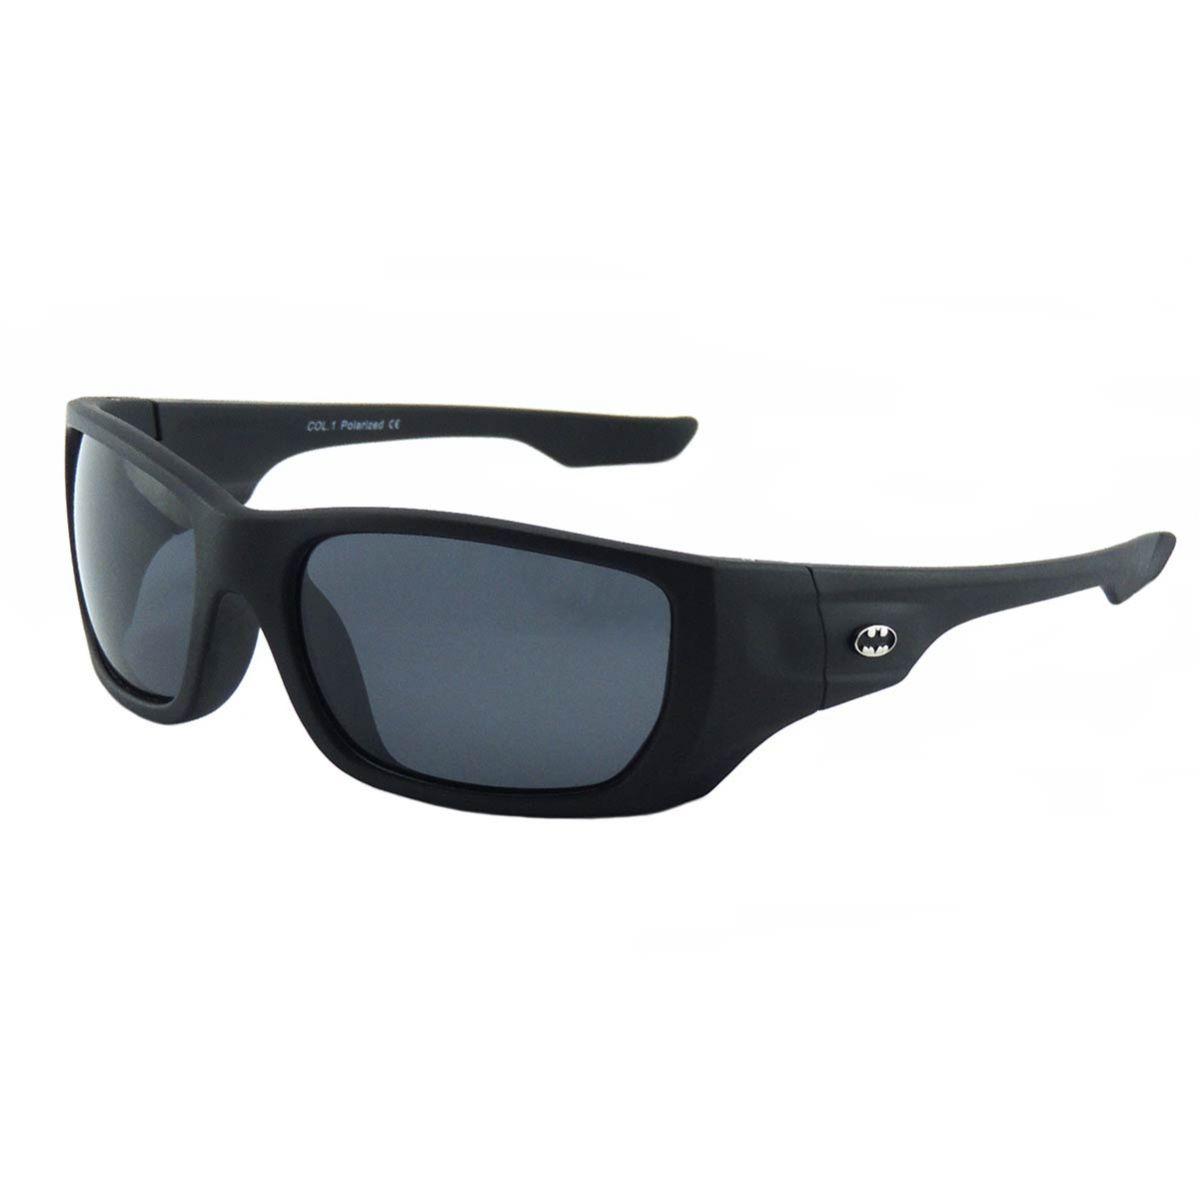 Óculos de Sol Adulto Batman Esportivo Preto